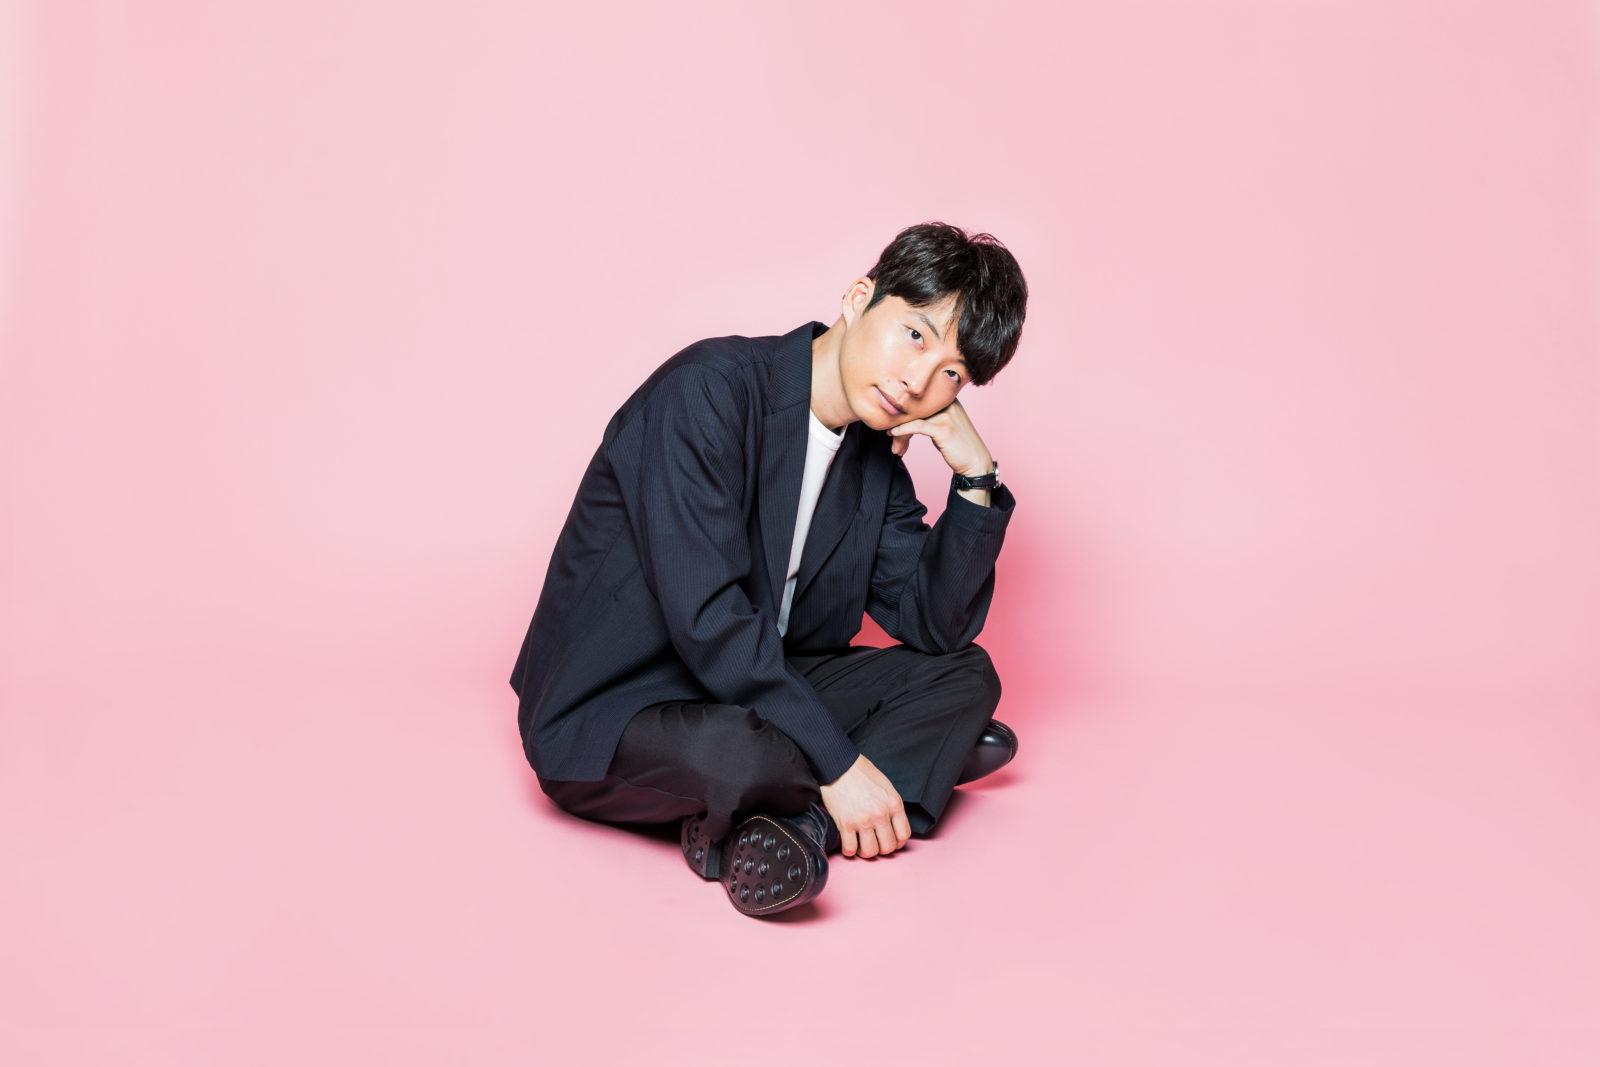 星野源「2017 年間 USEN HIT J-POPランキング」で首位を獲得!年間 USEN HIT ランキング発表サムネイル画像